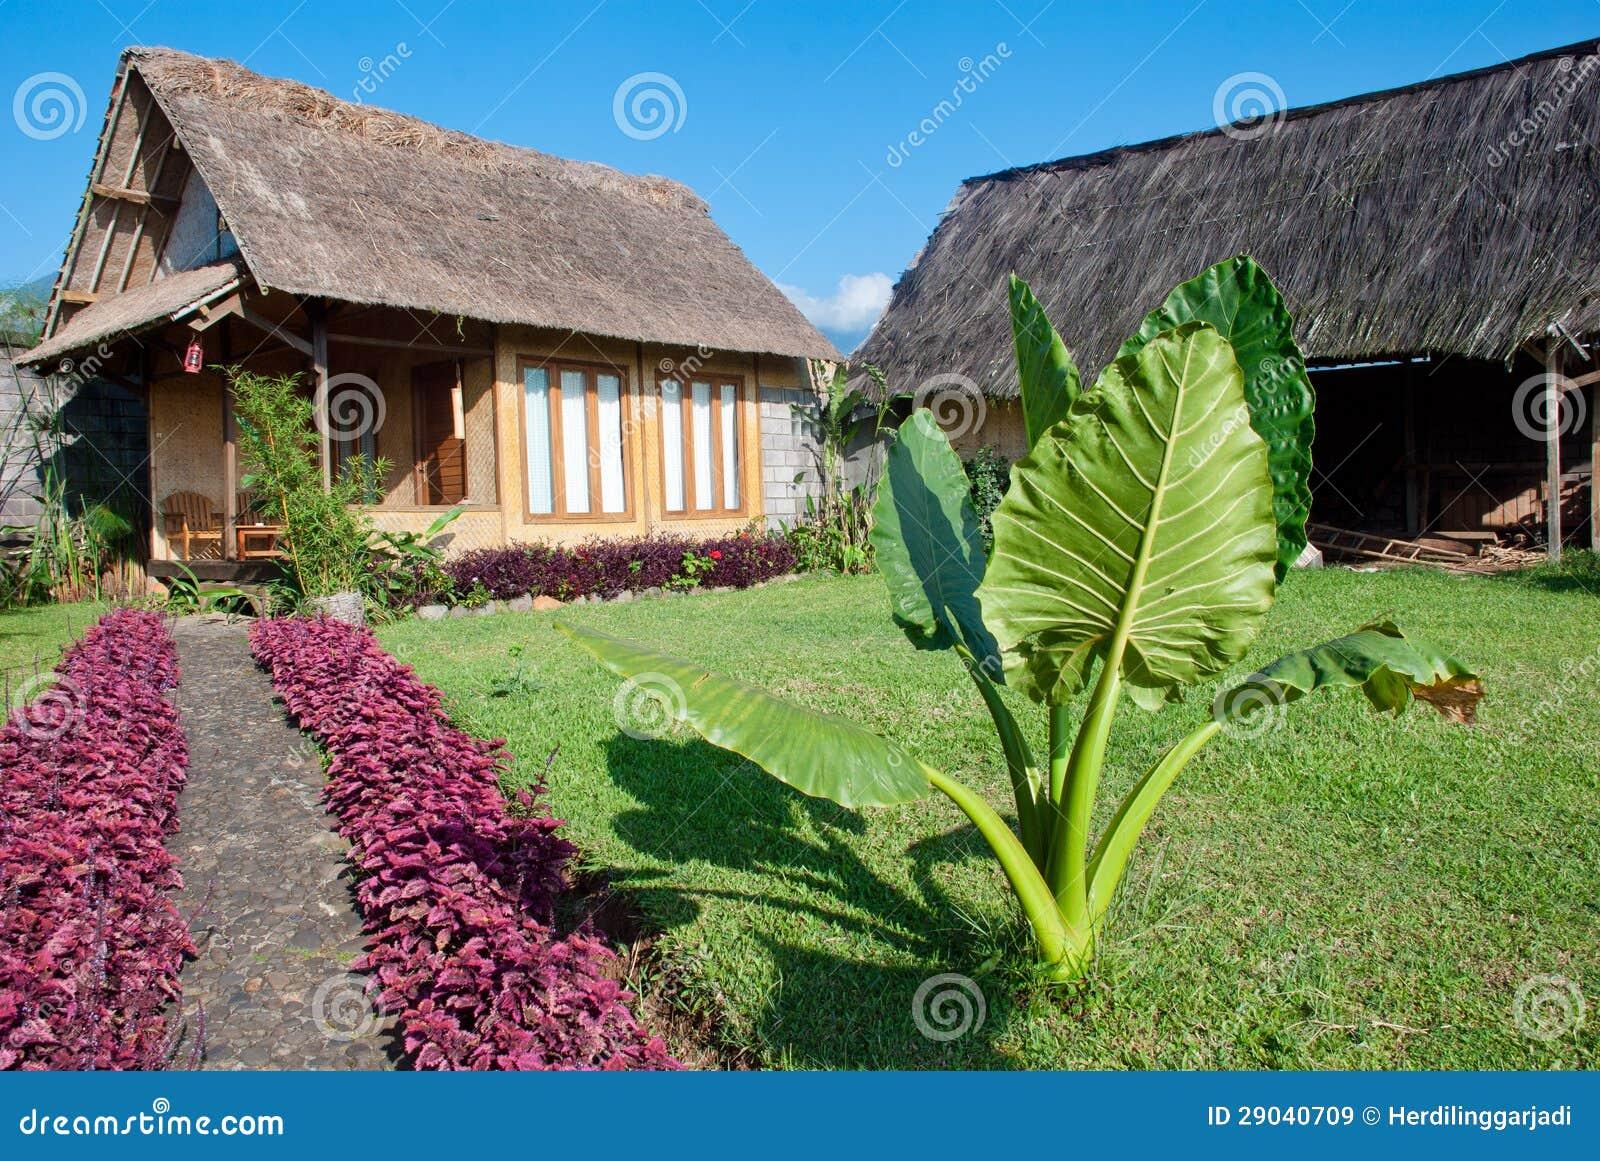 Met stro bedek huis in groene tuin stock afbeelding afbeelding